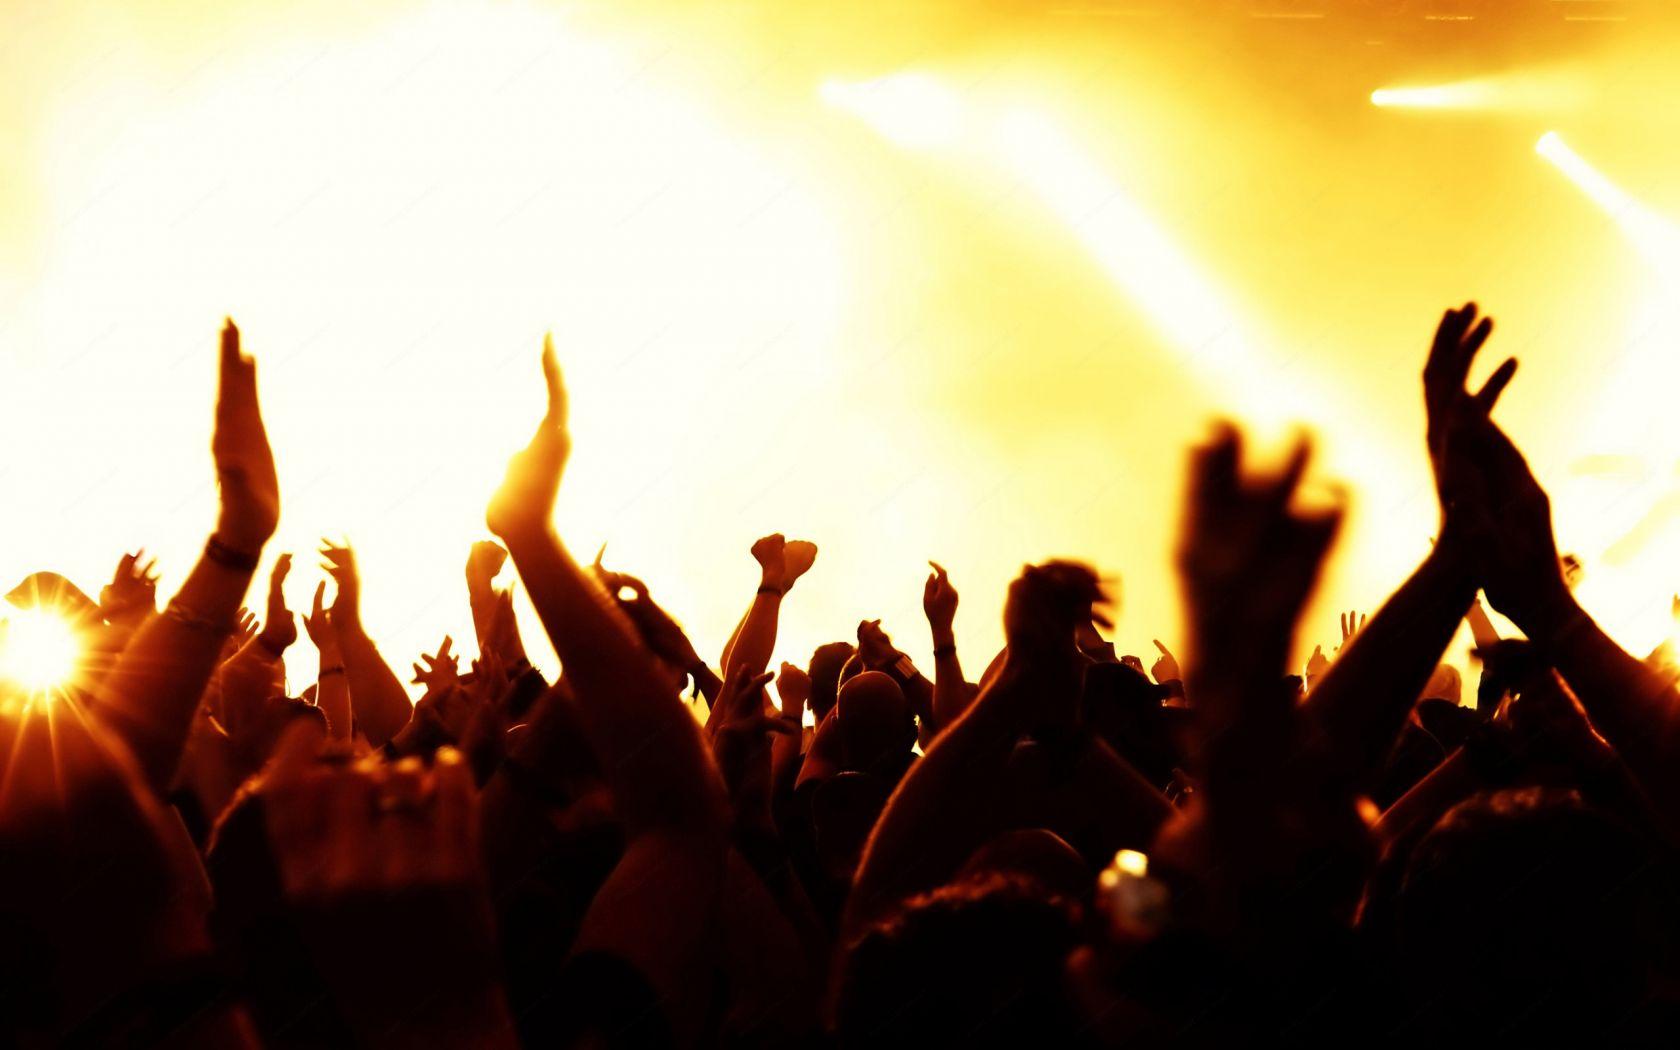 рок музыка в исполнении оркестра слушать